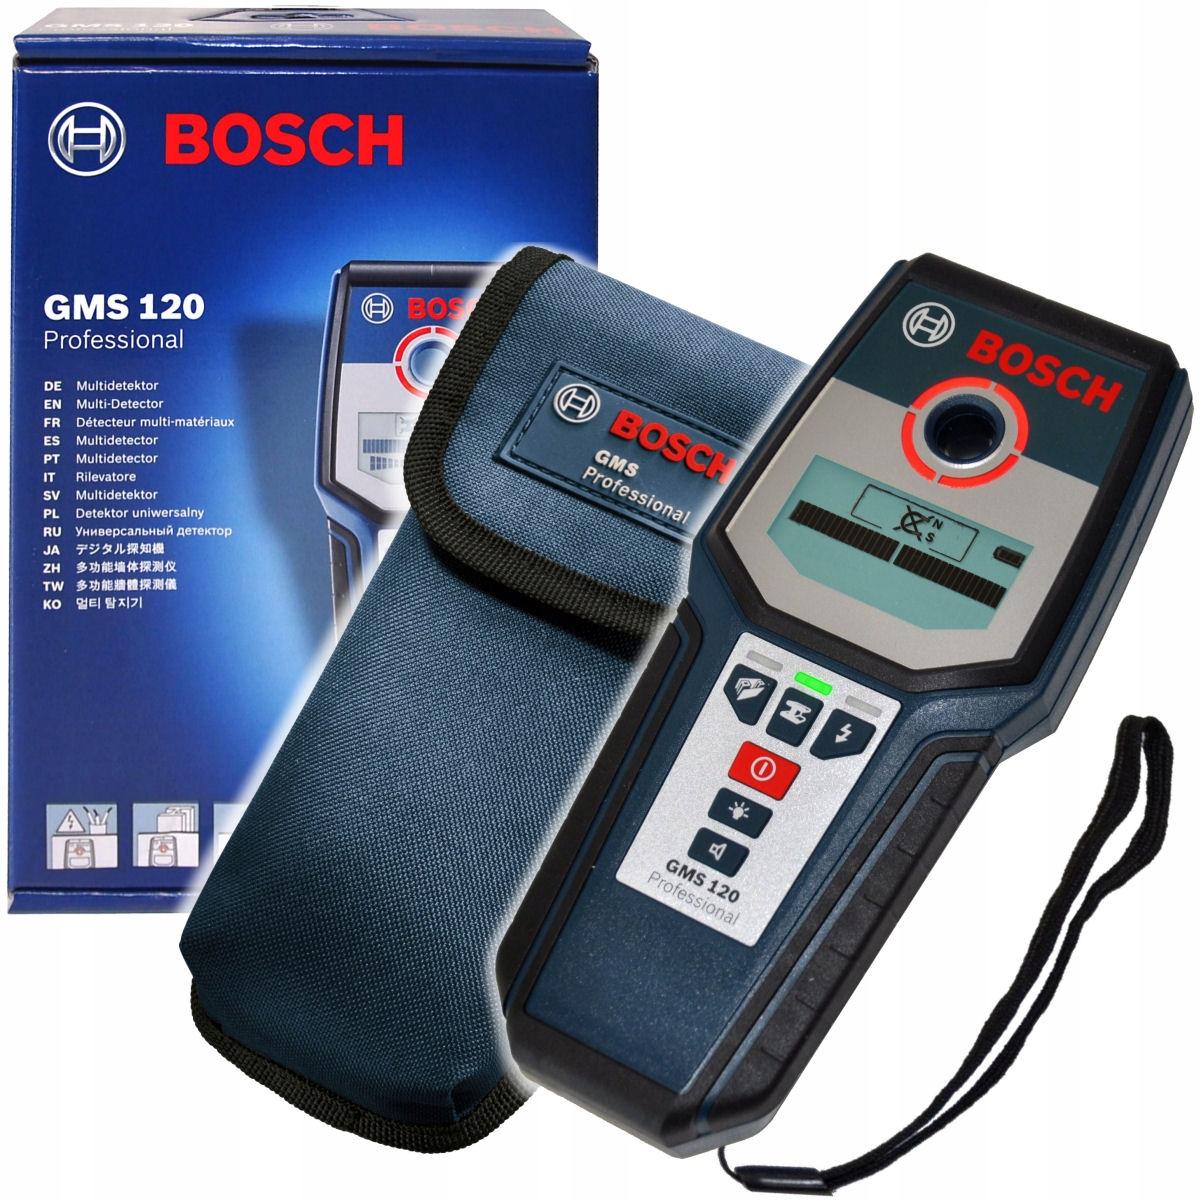 Digitálne kovy a drôty GMS 120 BOSCH